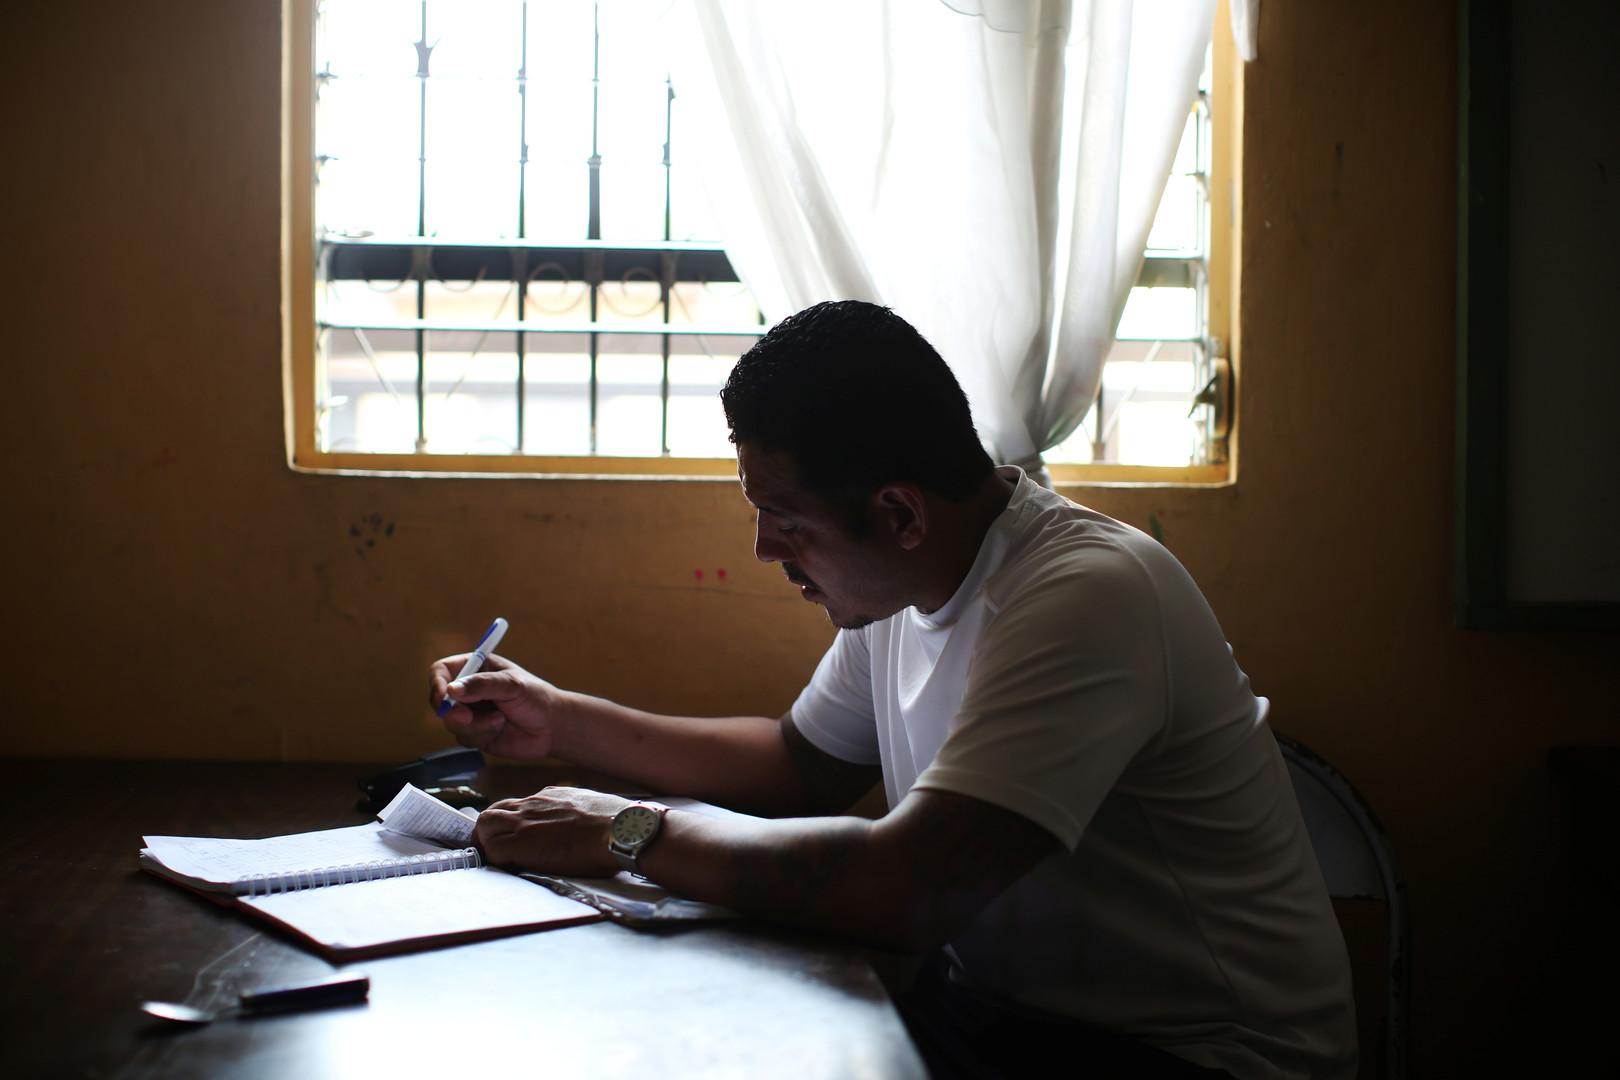 """Wilfredo Gomez, Mitglied der """"Huellas de Esperanza"""" (Spuren der Hoffnung) macht die Buchführung des Bäckereiprojekts in der Eben Ezer Kirche in San Salvador, El Salvador, 15. Dezember 2017."""